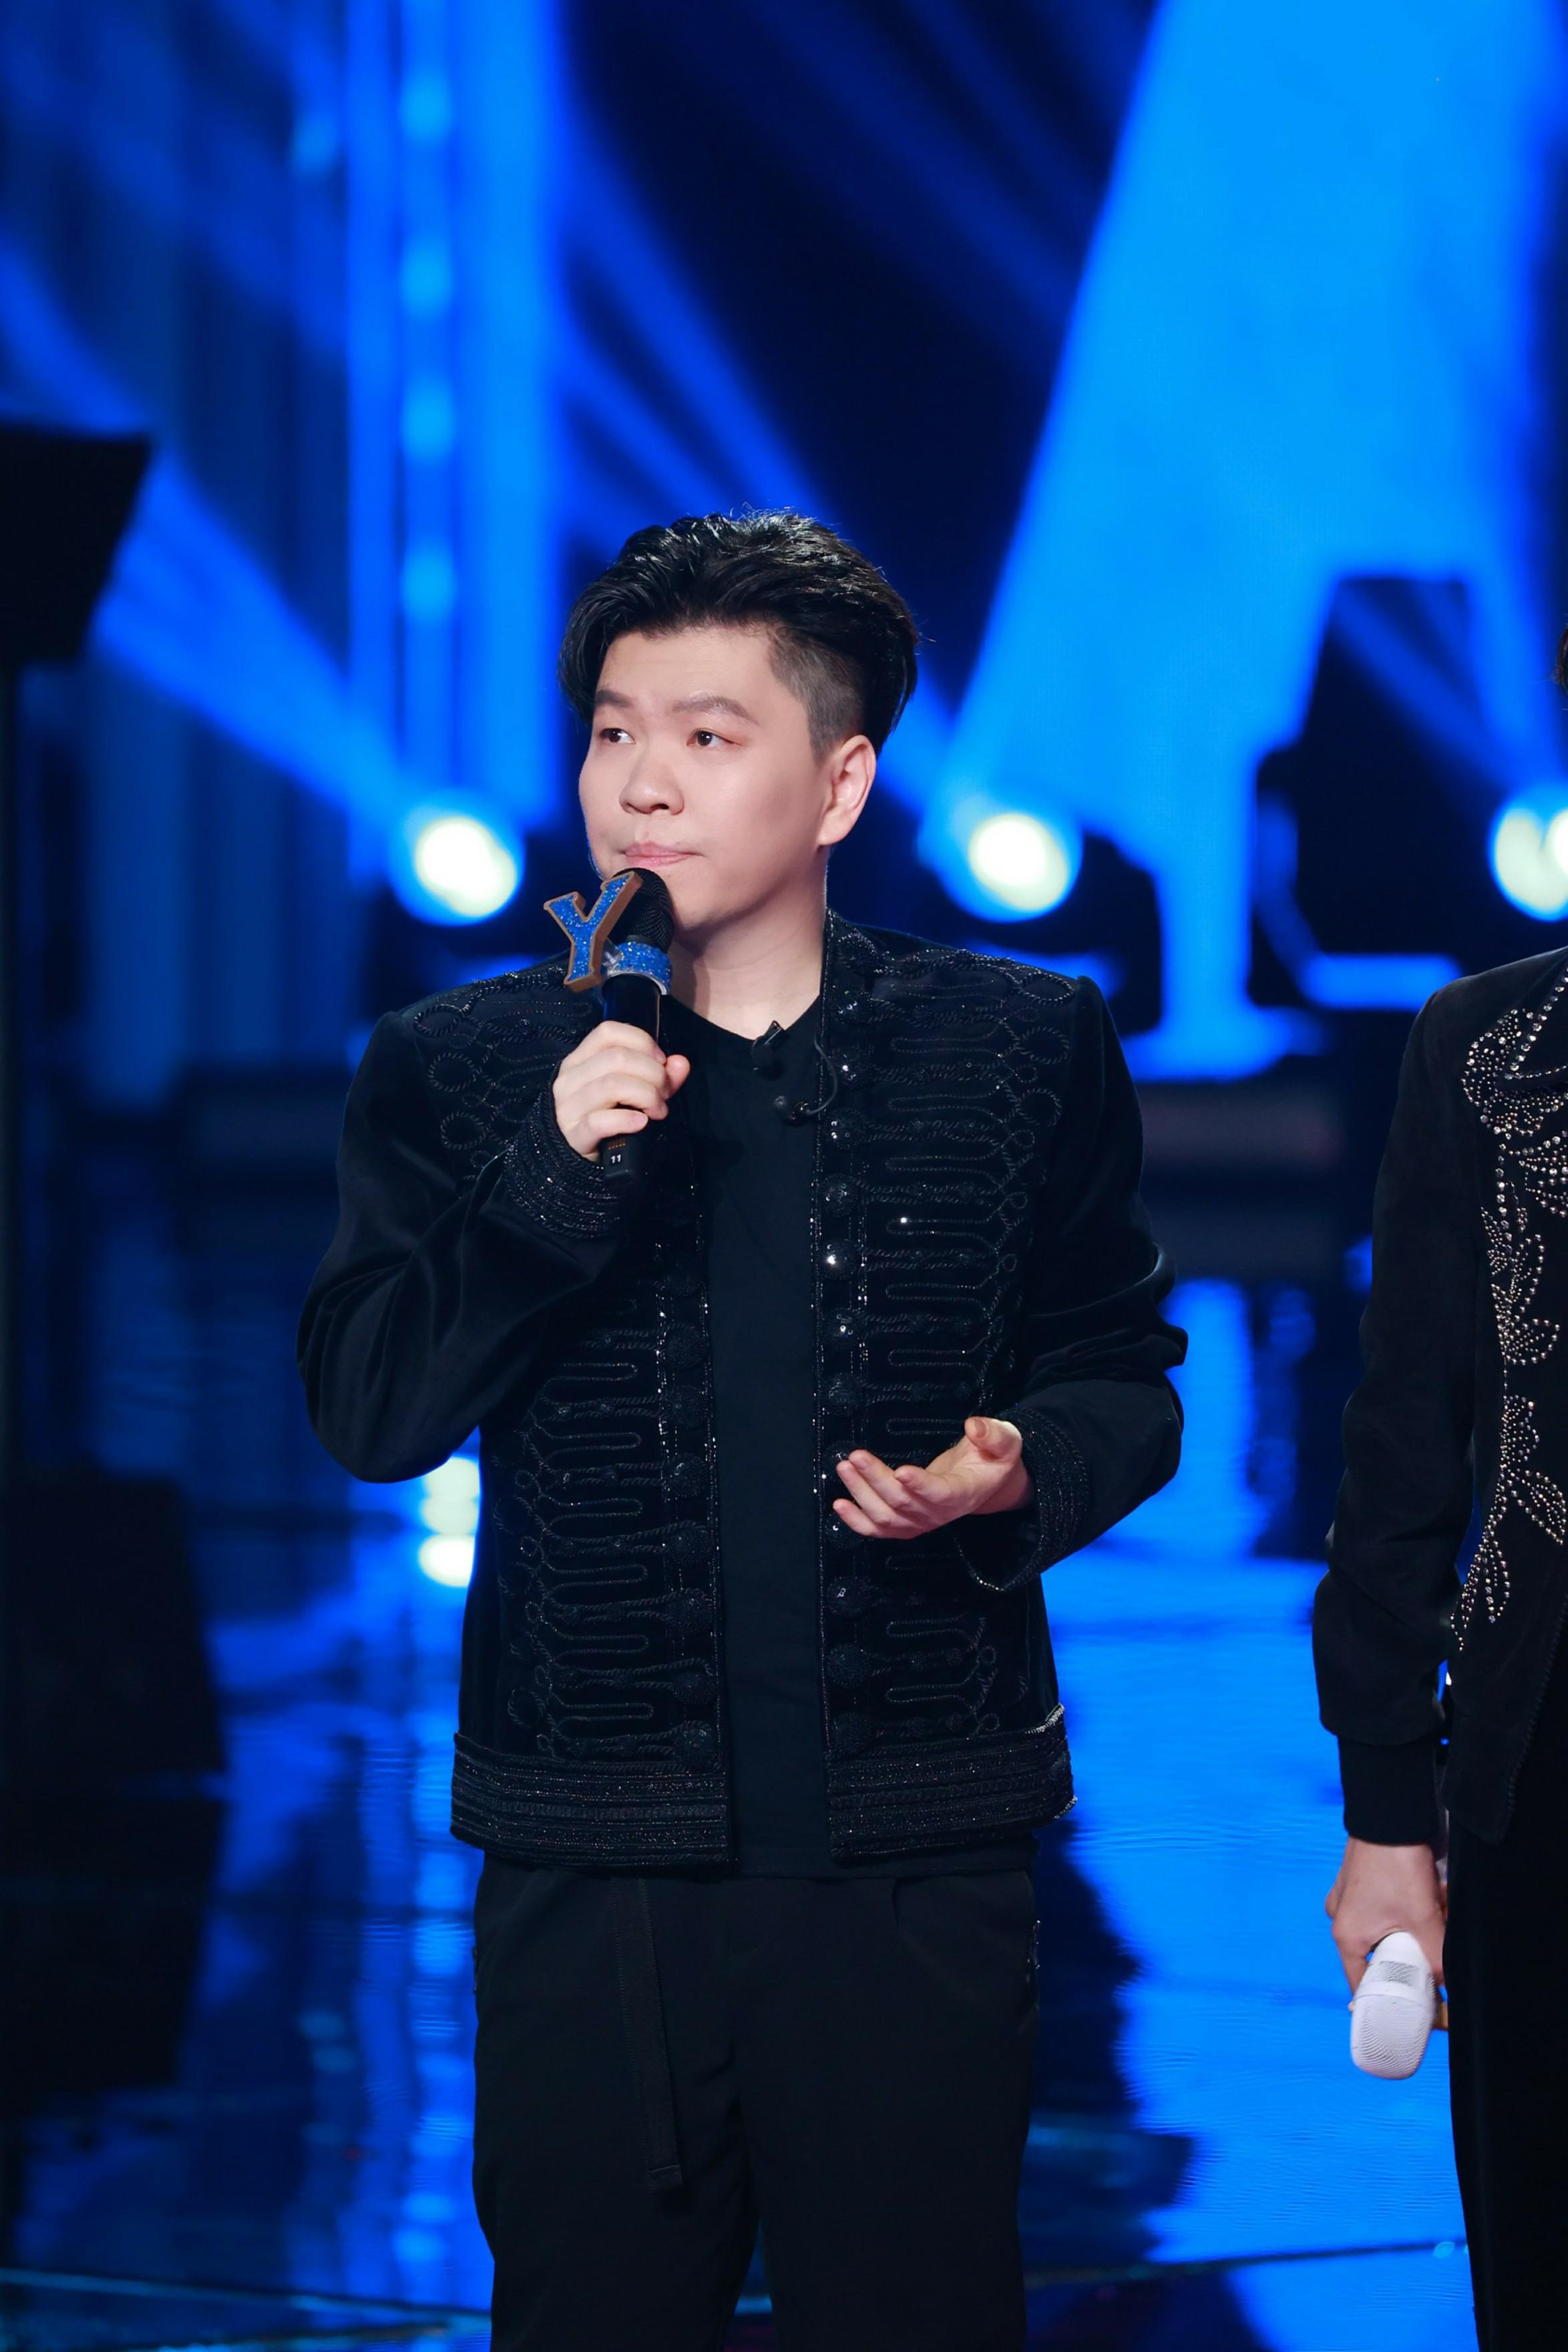 """《【摩臣平台登录地址】《中国梦之声?我们的歌》""""勤深深""""合体献唱粤语版《爱情转移》王源舞蹈获赞》"""